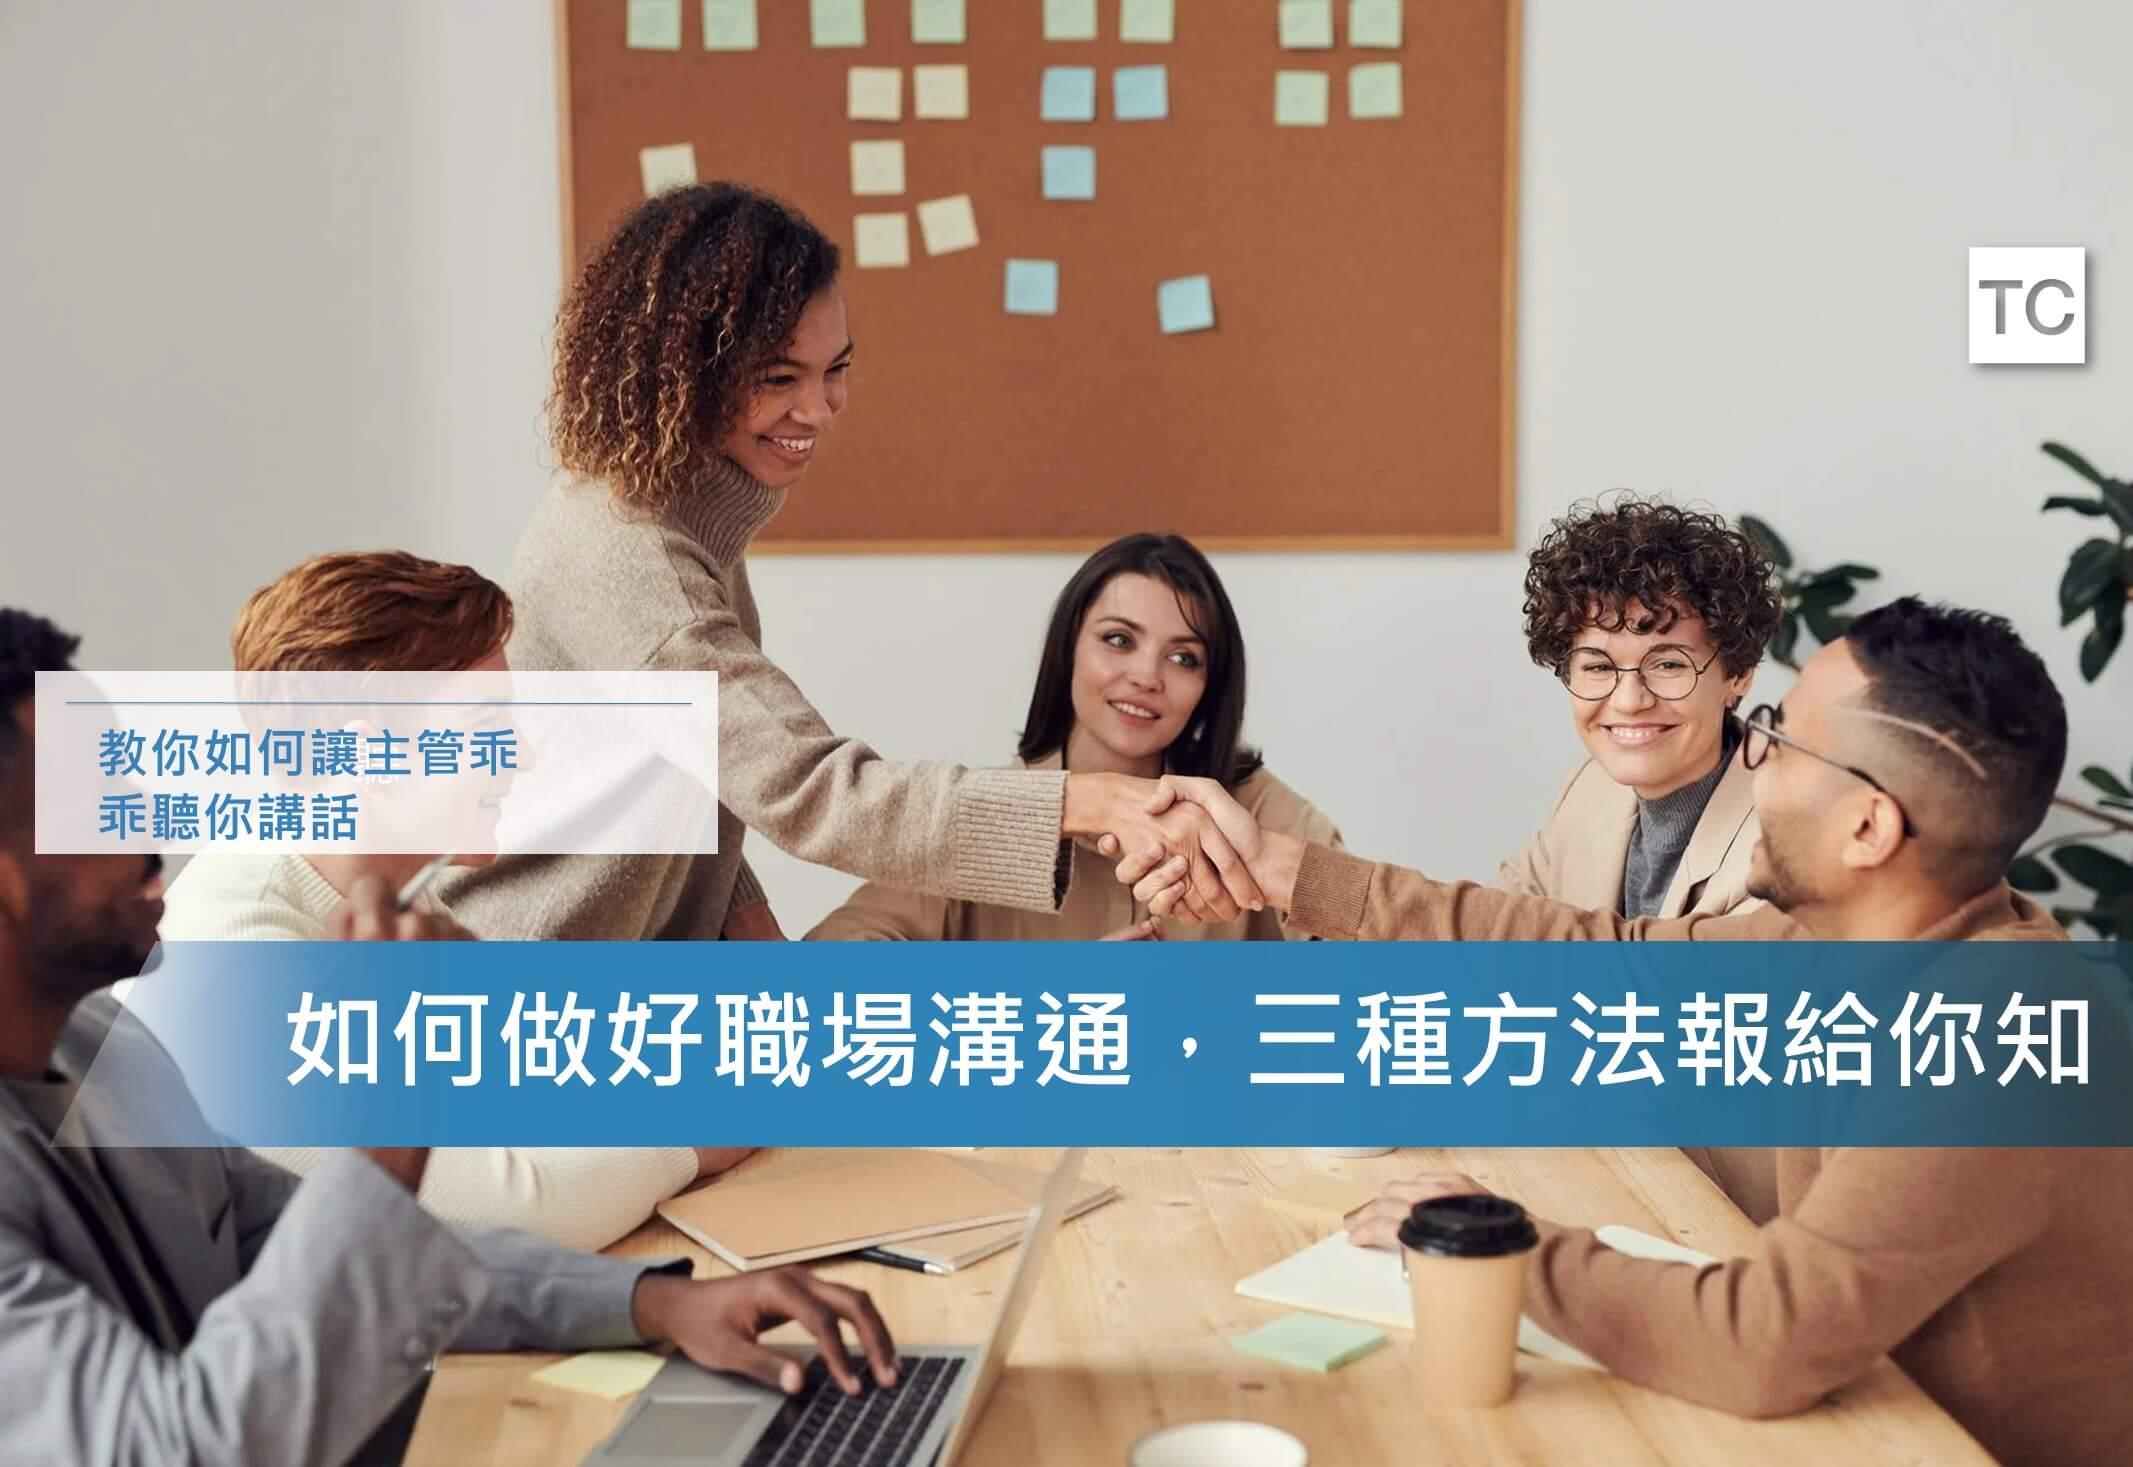 職場溝通|3種職場溝通技巧報給你知,讓你的同事讓一秒抓住重點